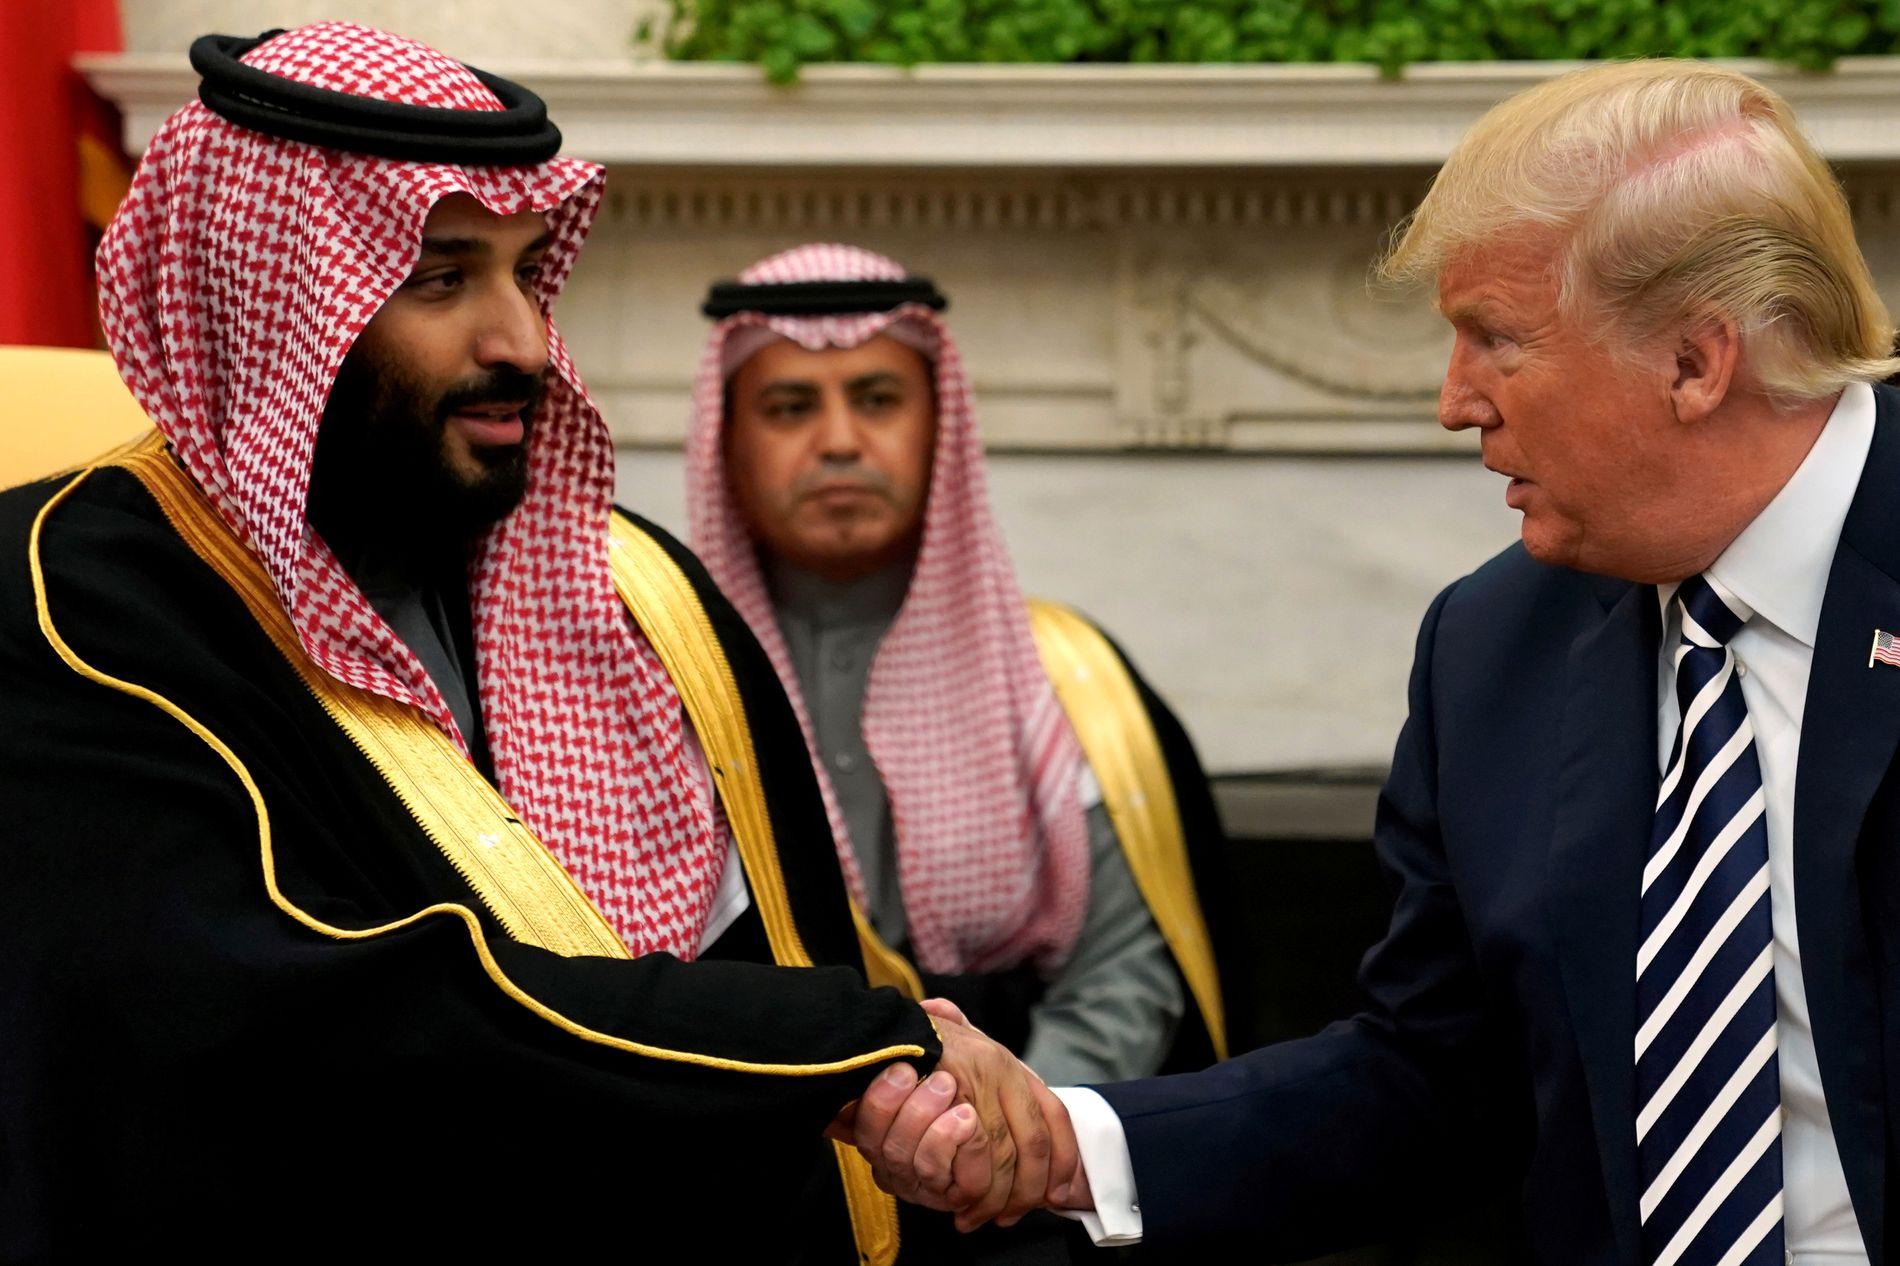 REFORMATOR? – Etter at kronprins Mohammed bin Salman kom til makten har det blitt mer forfølgelser og arrestasjoner, skriver kronikkforfatteren.